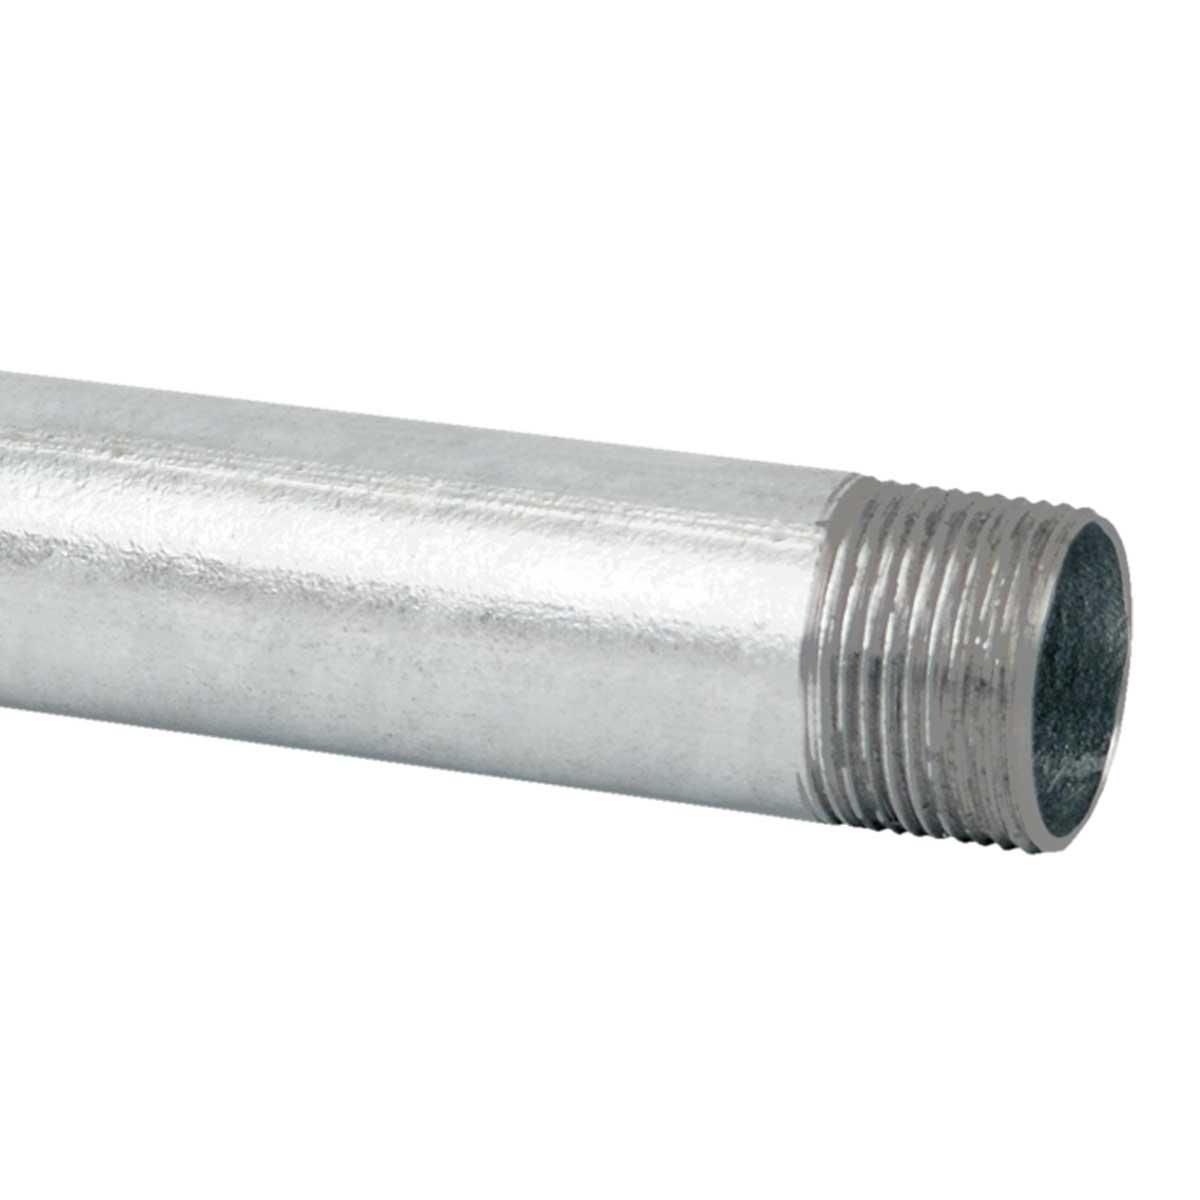 Труба металева (внутрішній d- 12,6 мм.) ; з різьбовою муфтою;; сталь оцинкована шар цинку 60-100мкм стійкість корозії- 4 кат.; упаковка 30 шт